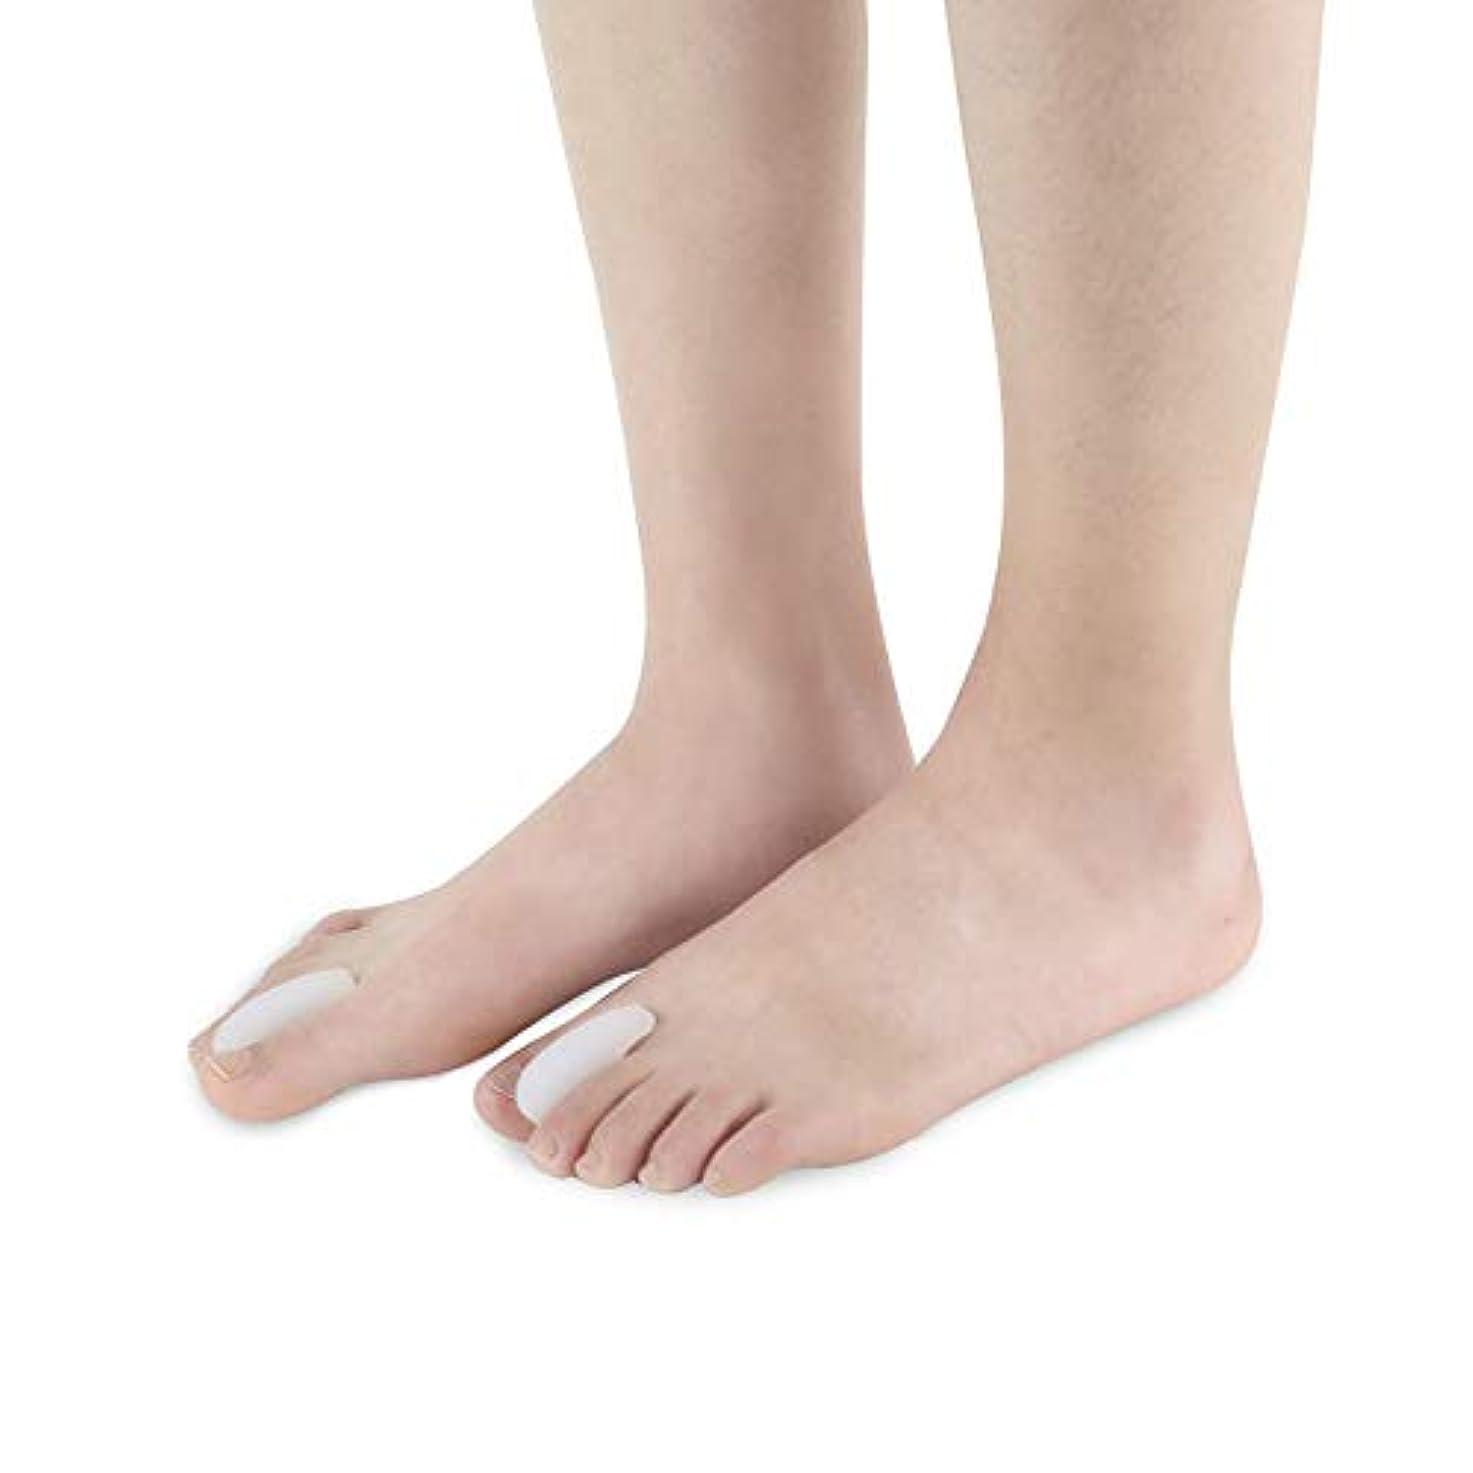 デッドロック羊飼いカーペットつま先セパレーター反屈曲変形腱膜白補正分割つま先防止外反母趾スリッパSEBS素材ヨガやスポーツの後の痛みを和らげる,L